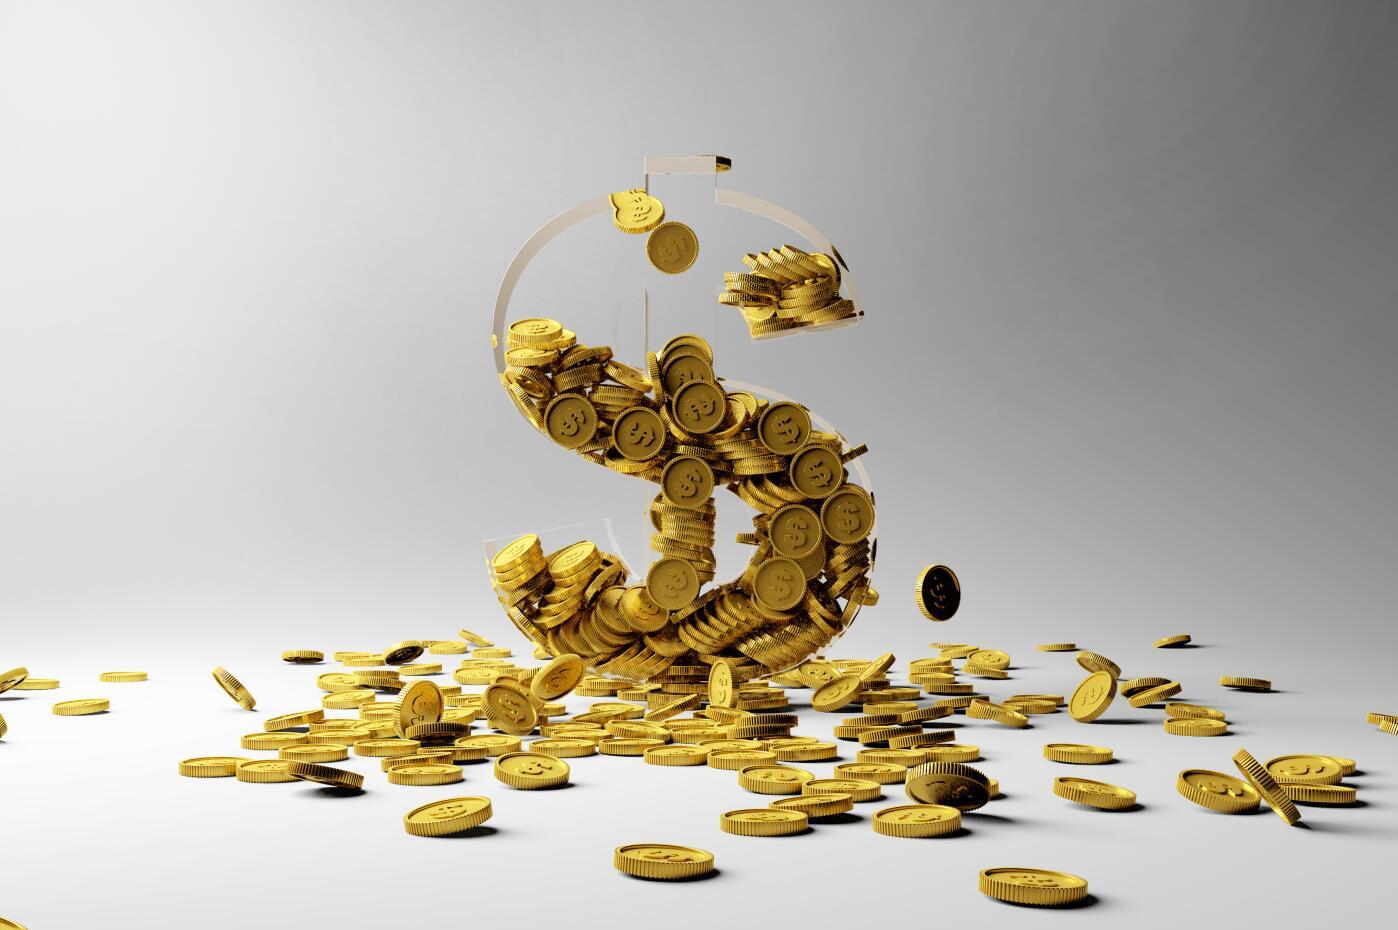 构建券商财富管理业务体系优势与最佳实践经验